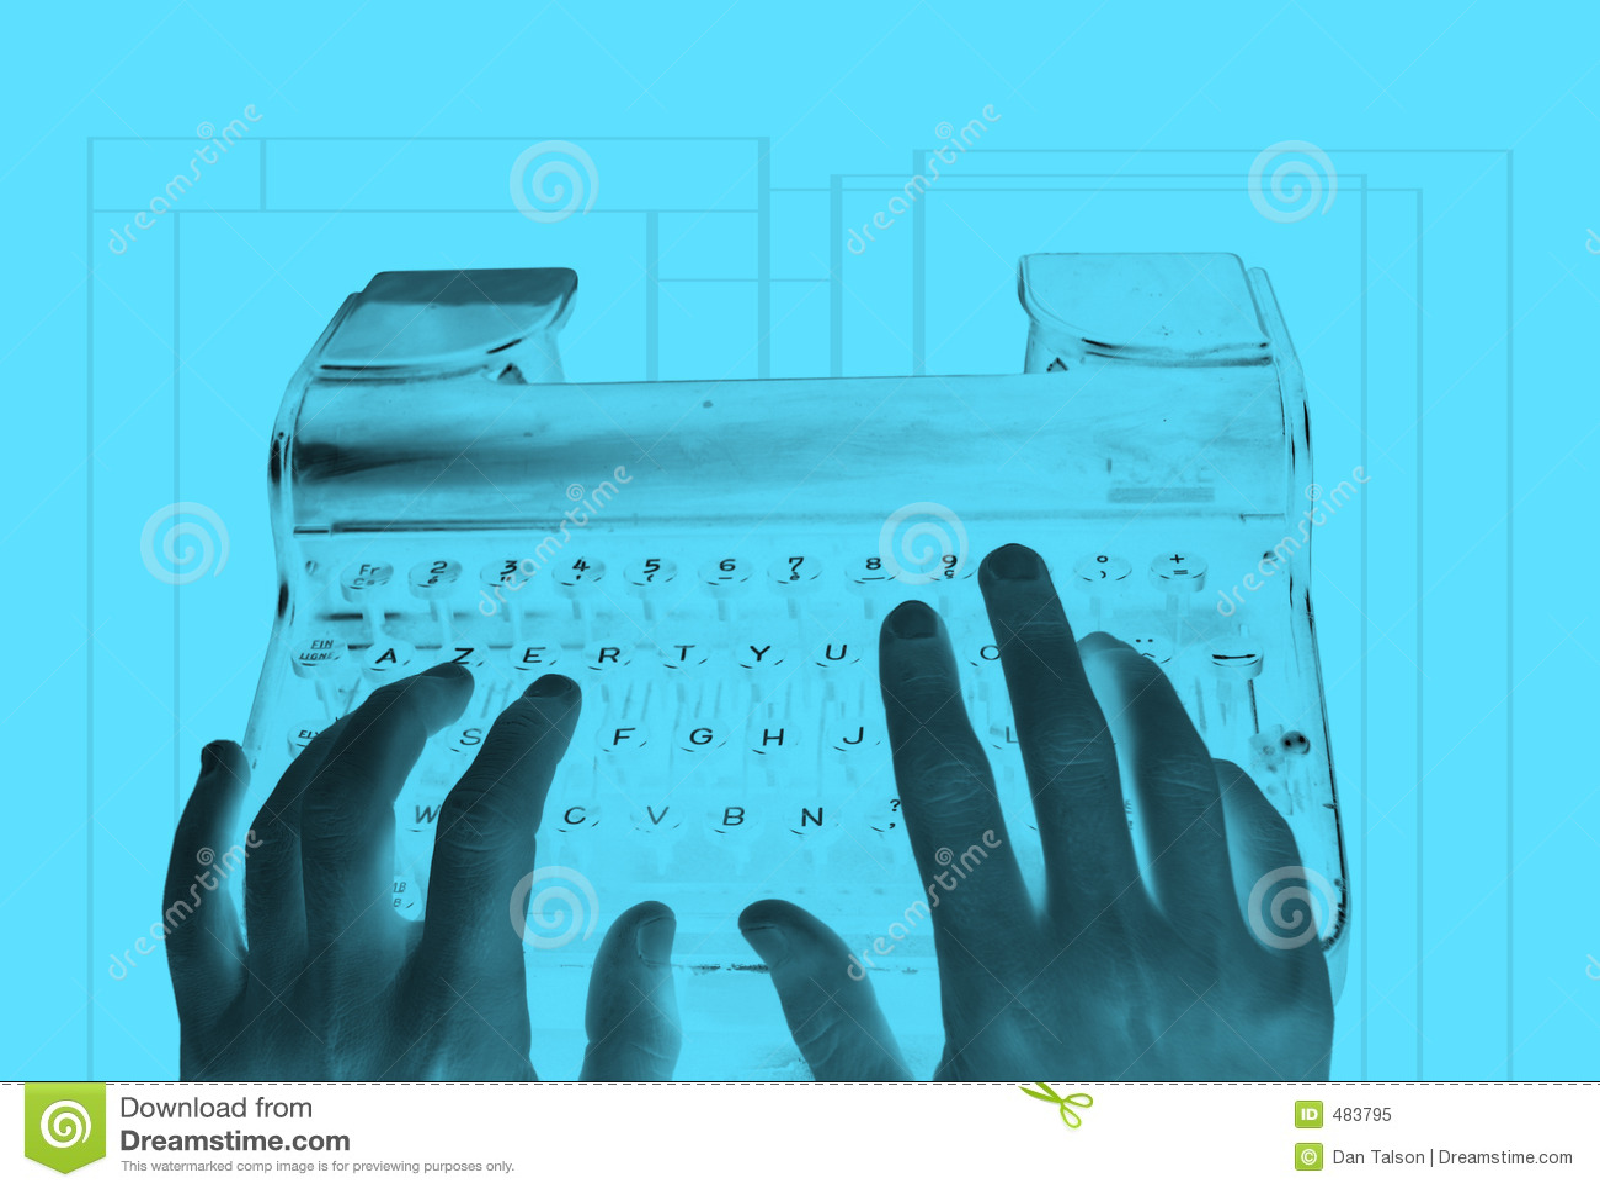 Inverterad retro skrivmaskin